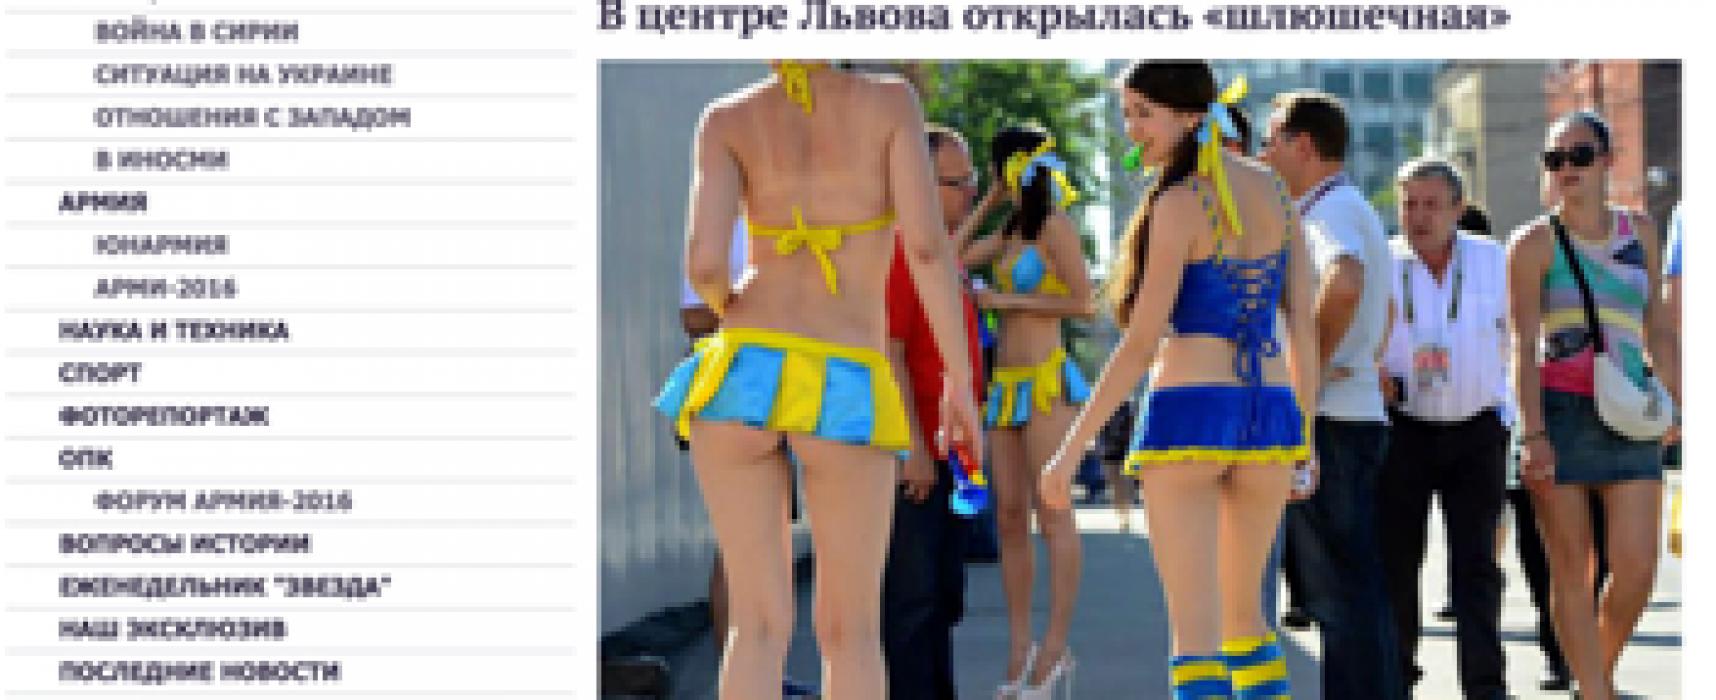 Ucraina : Apre a Leopoli il Caffè delle prostitute (Fake)